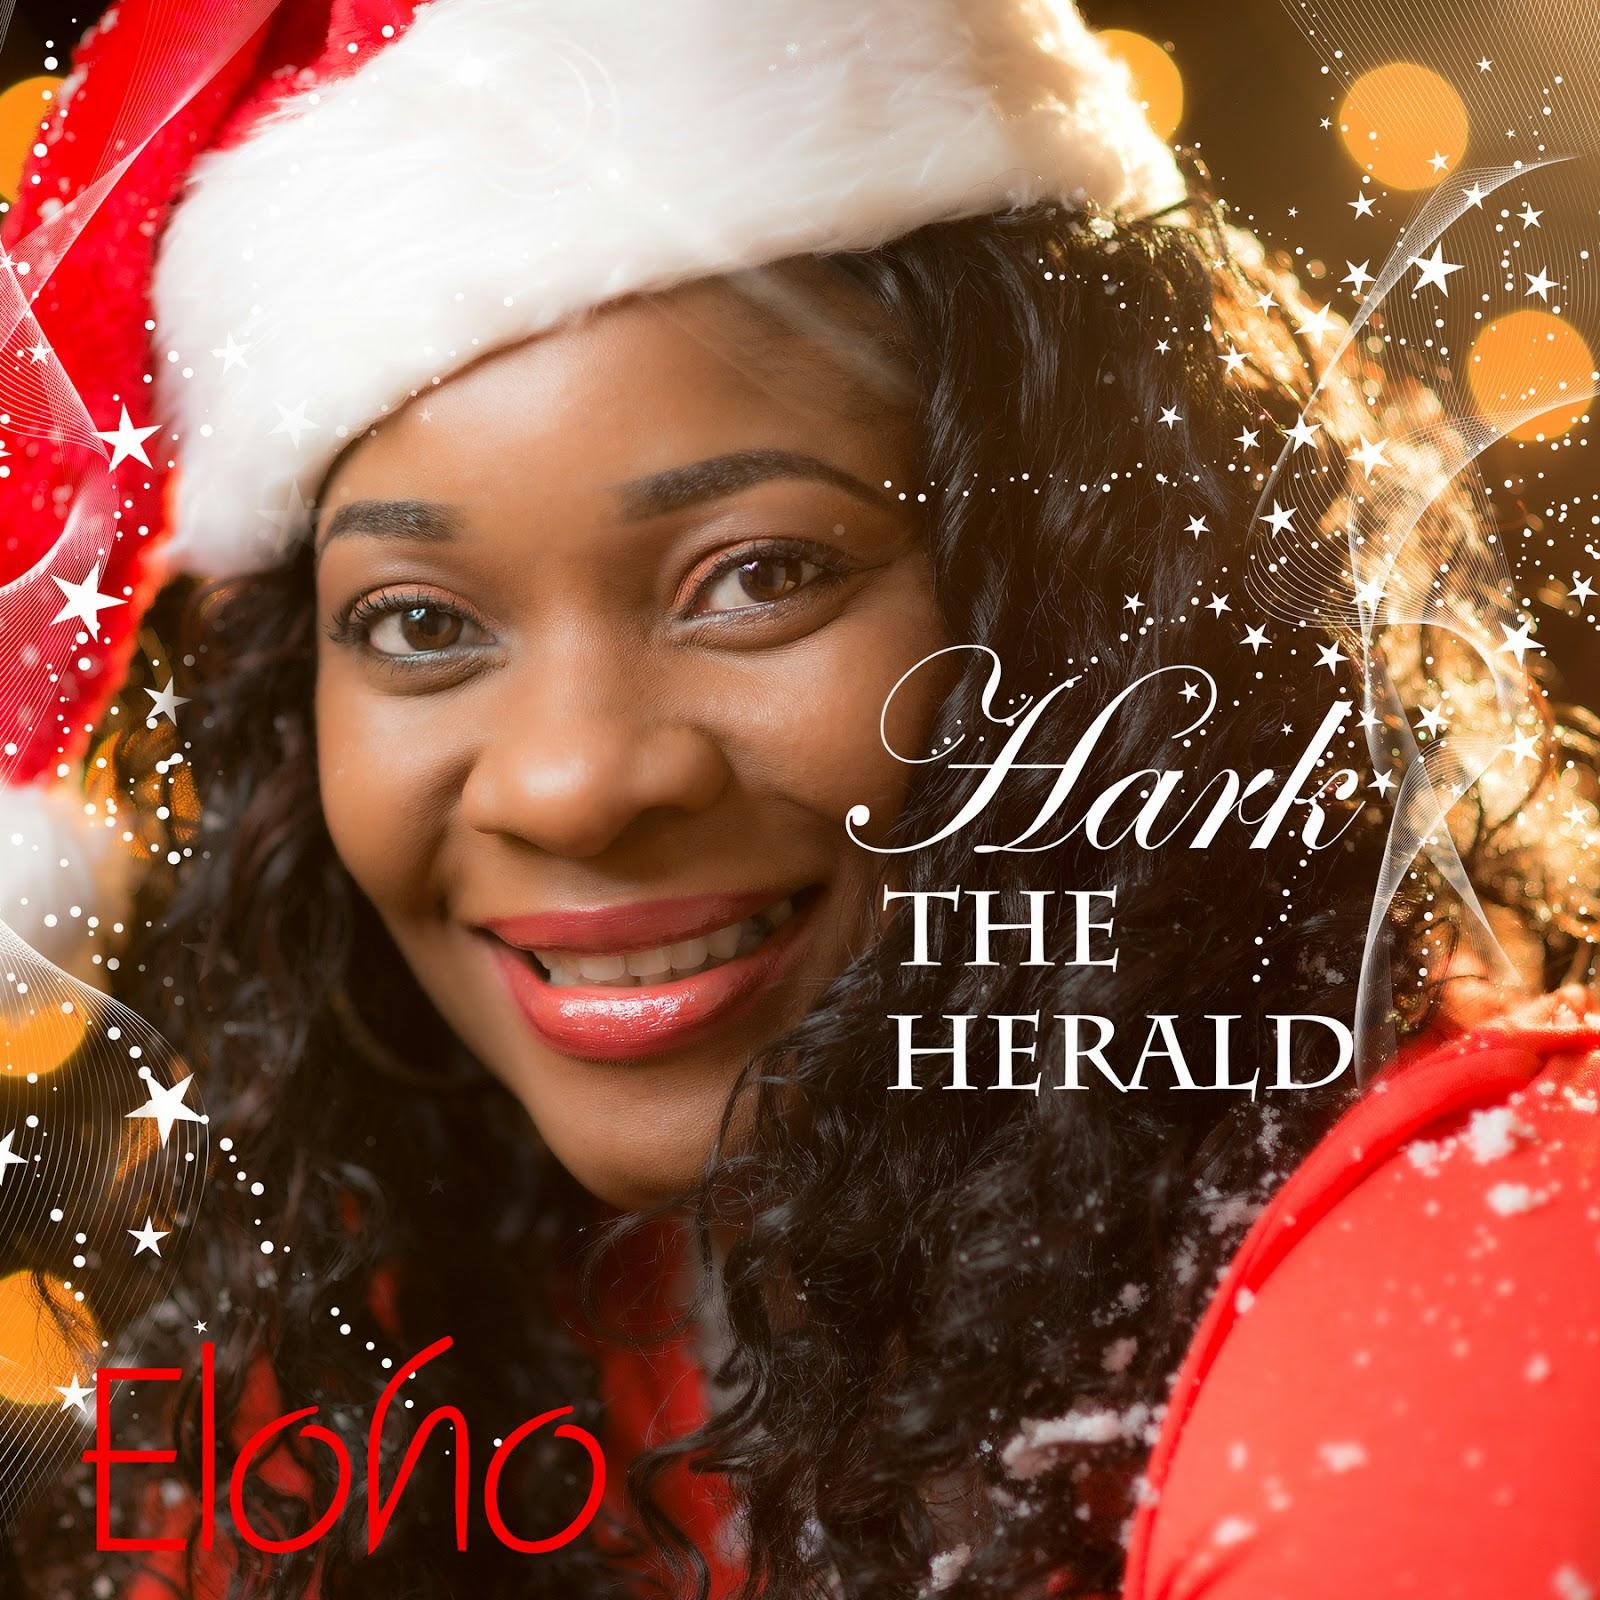 Christmas song female singer